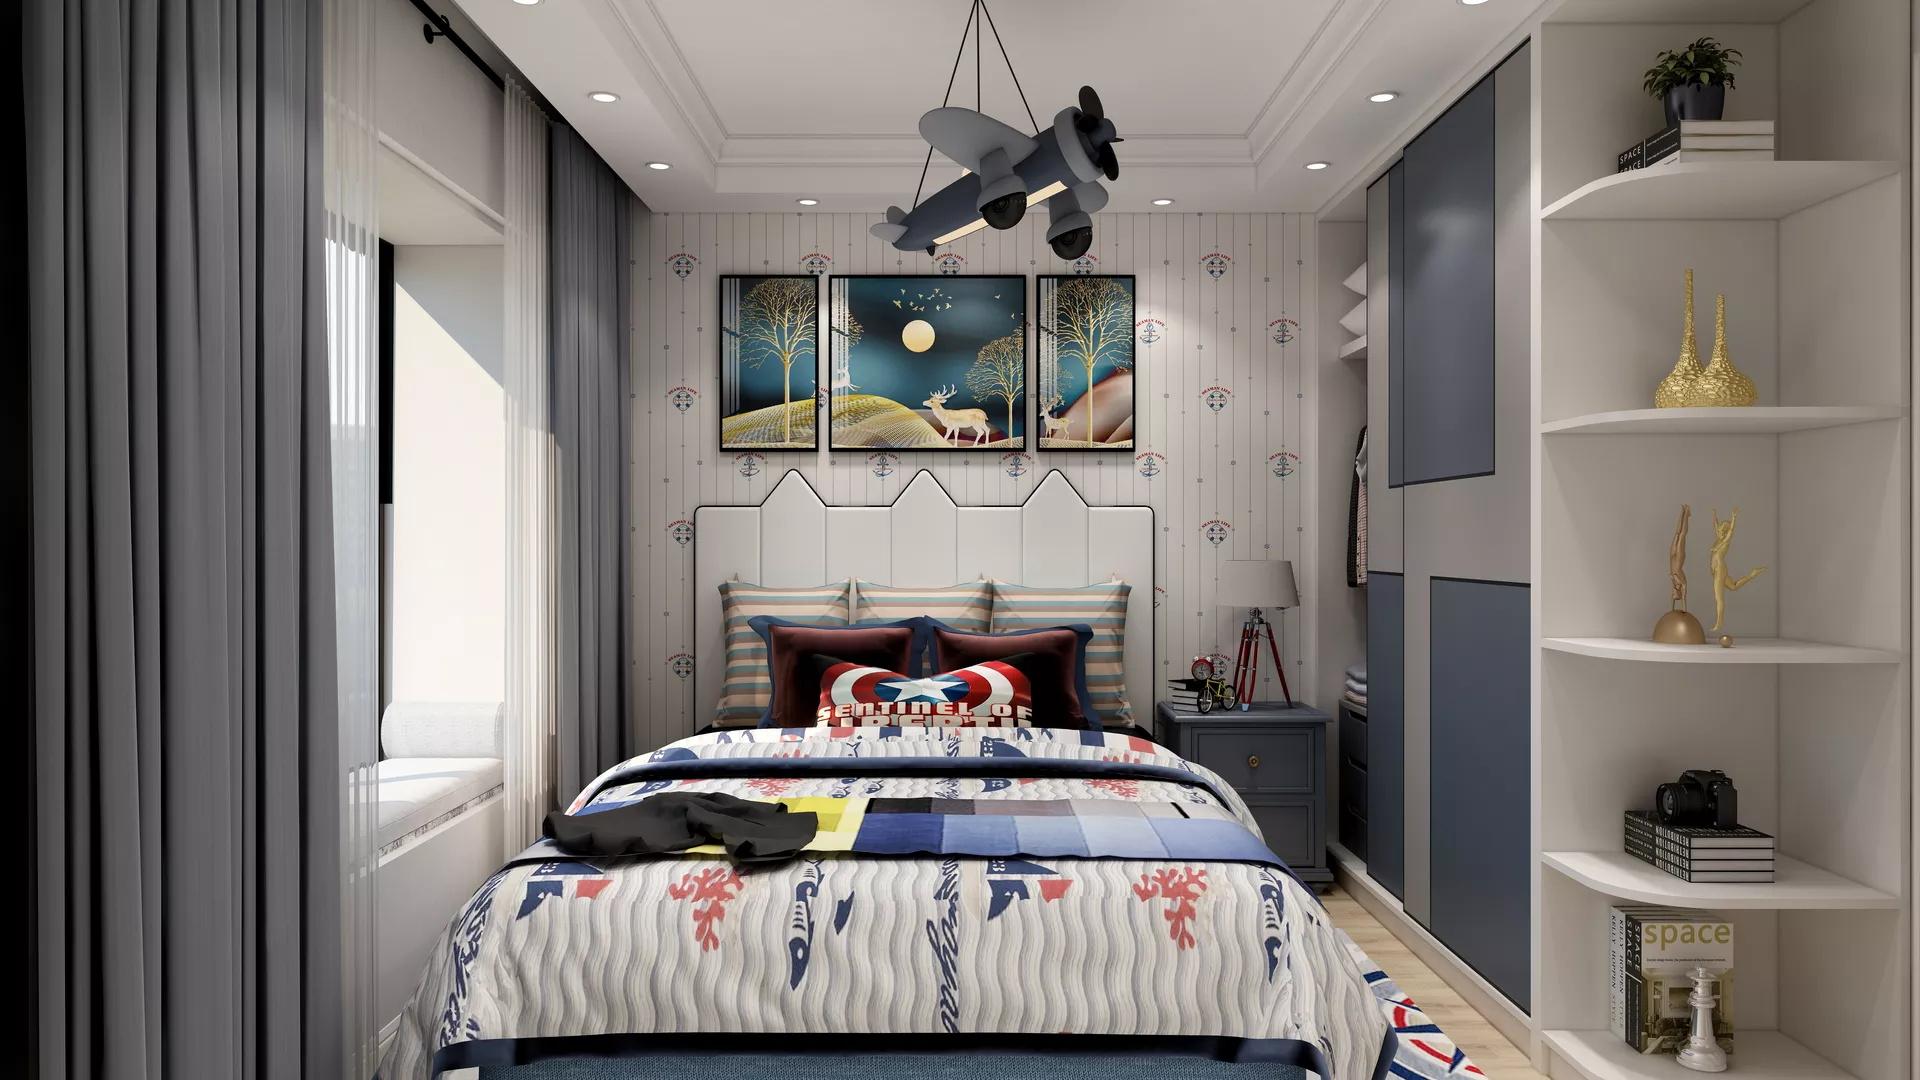 家居裝飾風水如何打造 如何打造好的家居風水